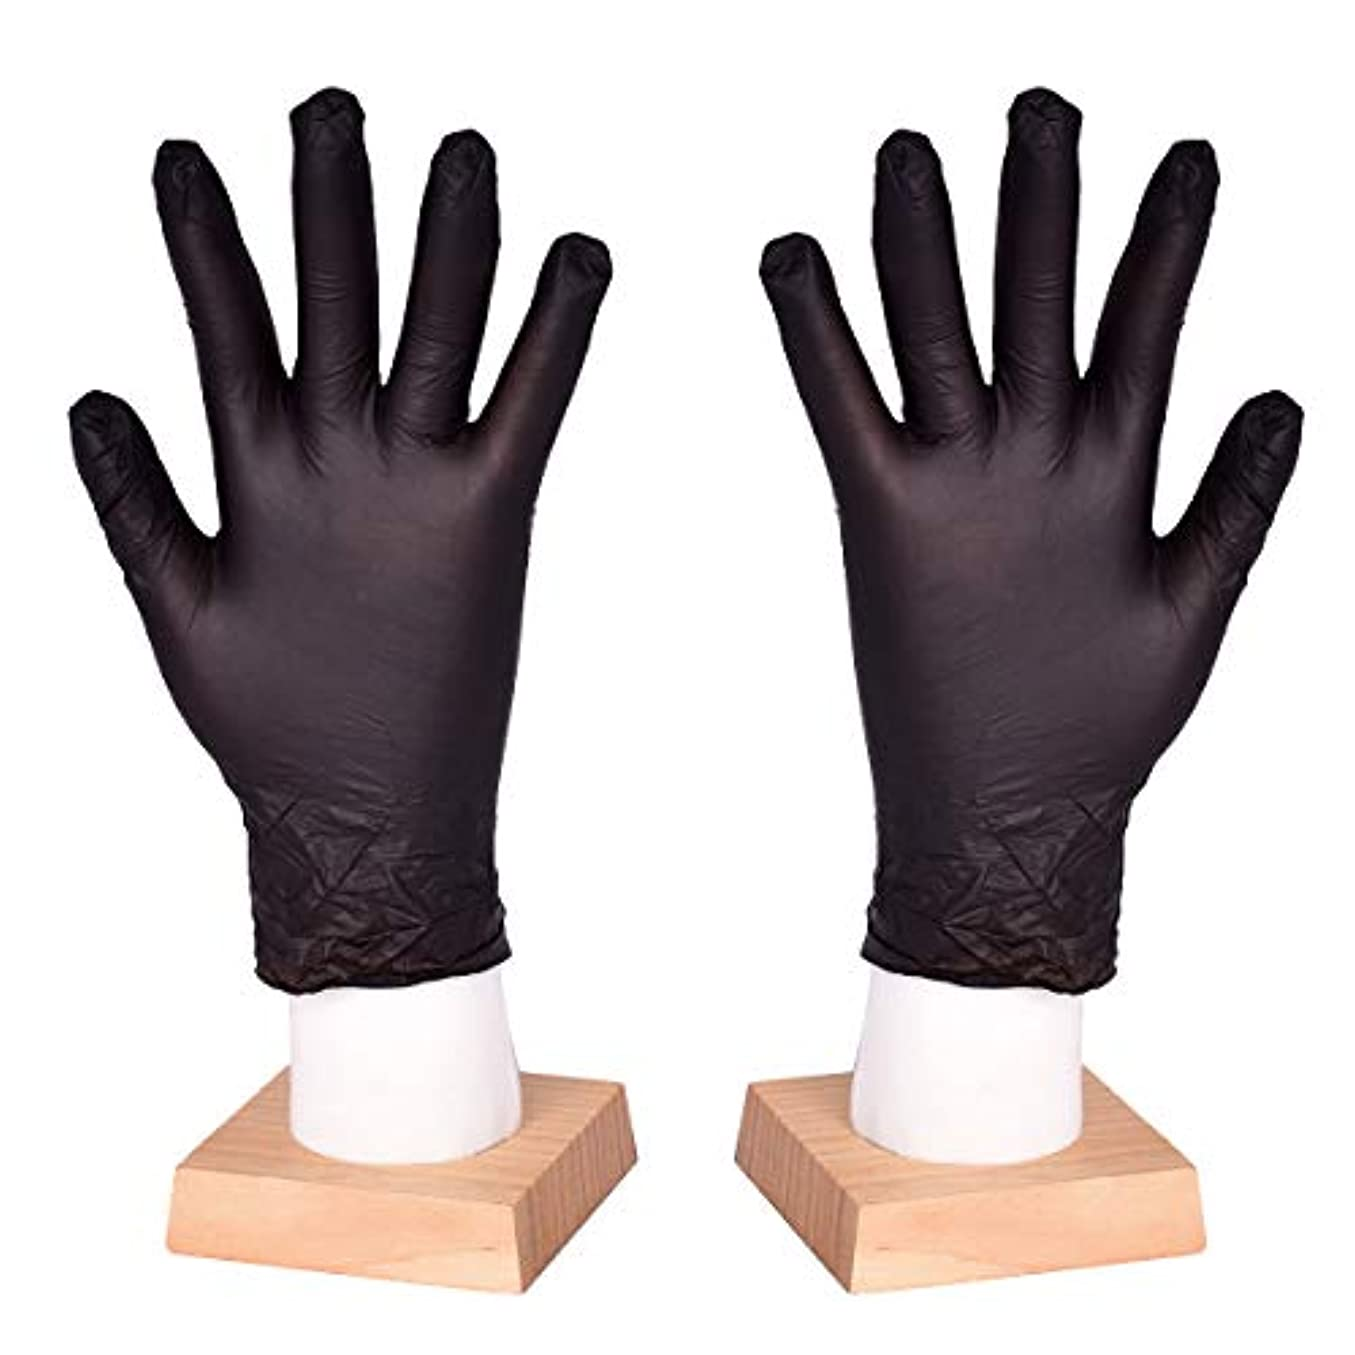 コピー脇にロッジ[FJTK]使い捨て手袋 滑りにくい 超弾性 多用途 黒 100枚入 (M)